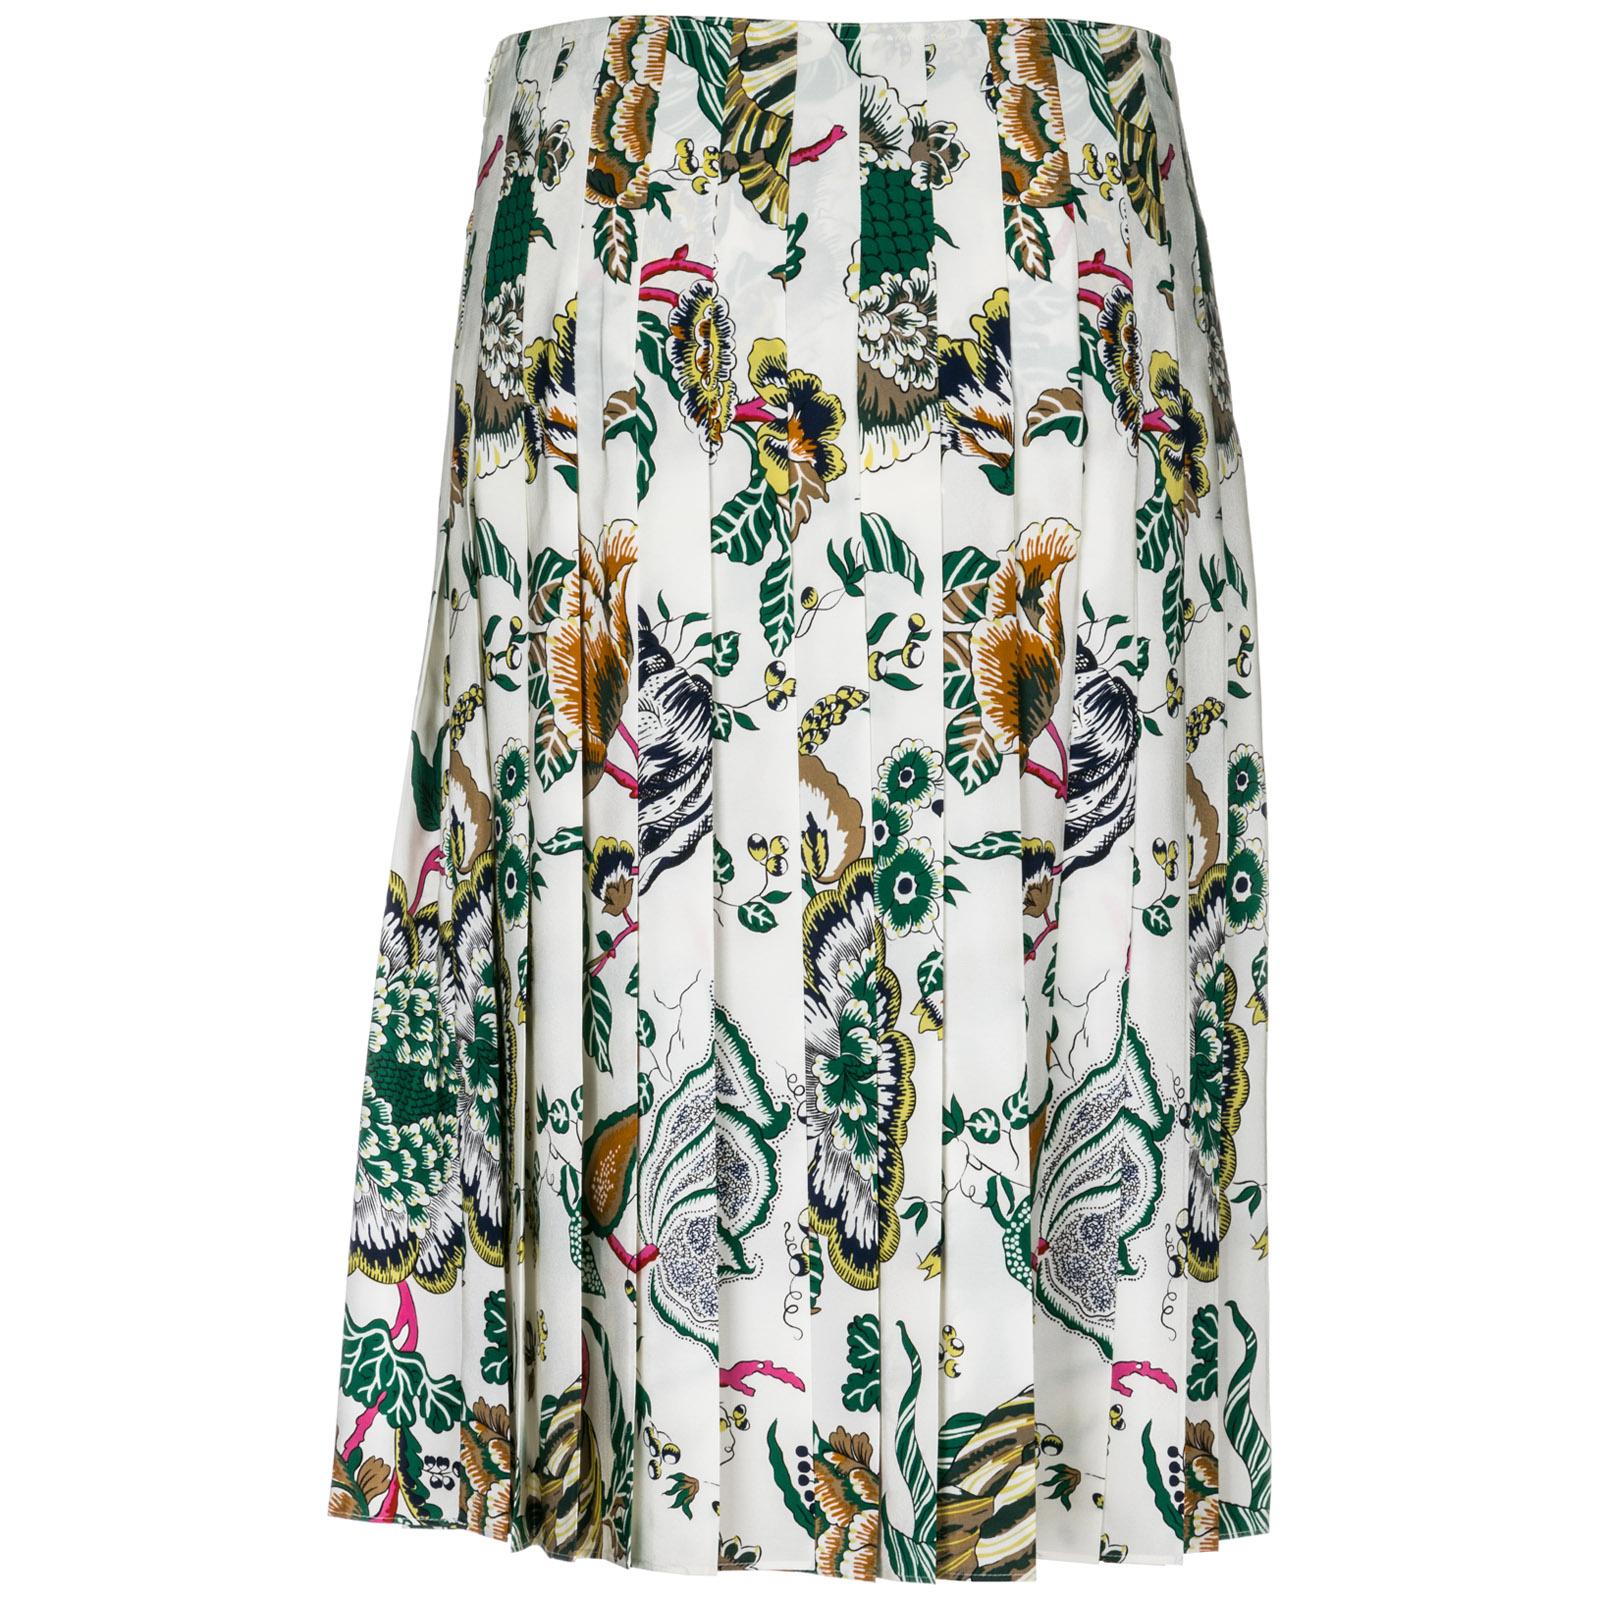 Women's skirt knee length midi carmine